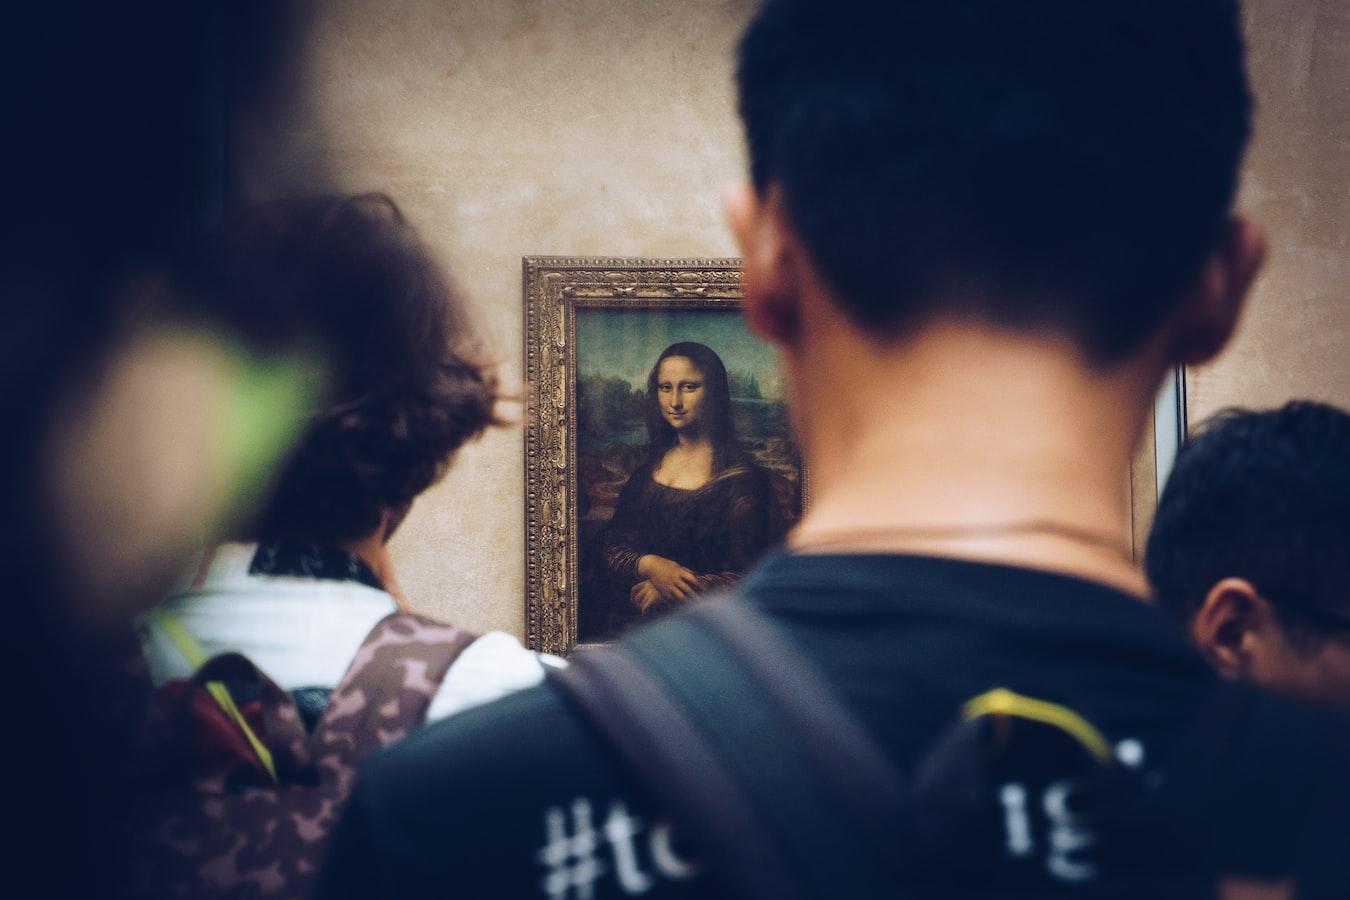 İnsanlar yüzyıllardır 'Mona Lisa gülümsemesi' hakkında tartıştılar